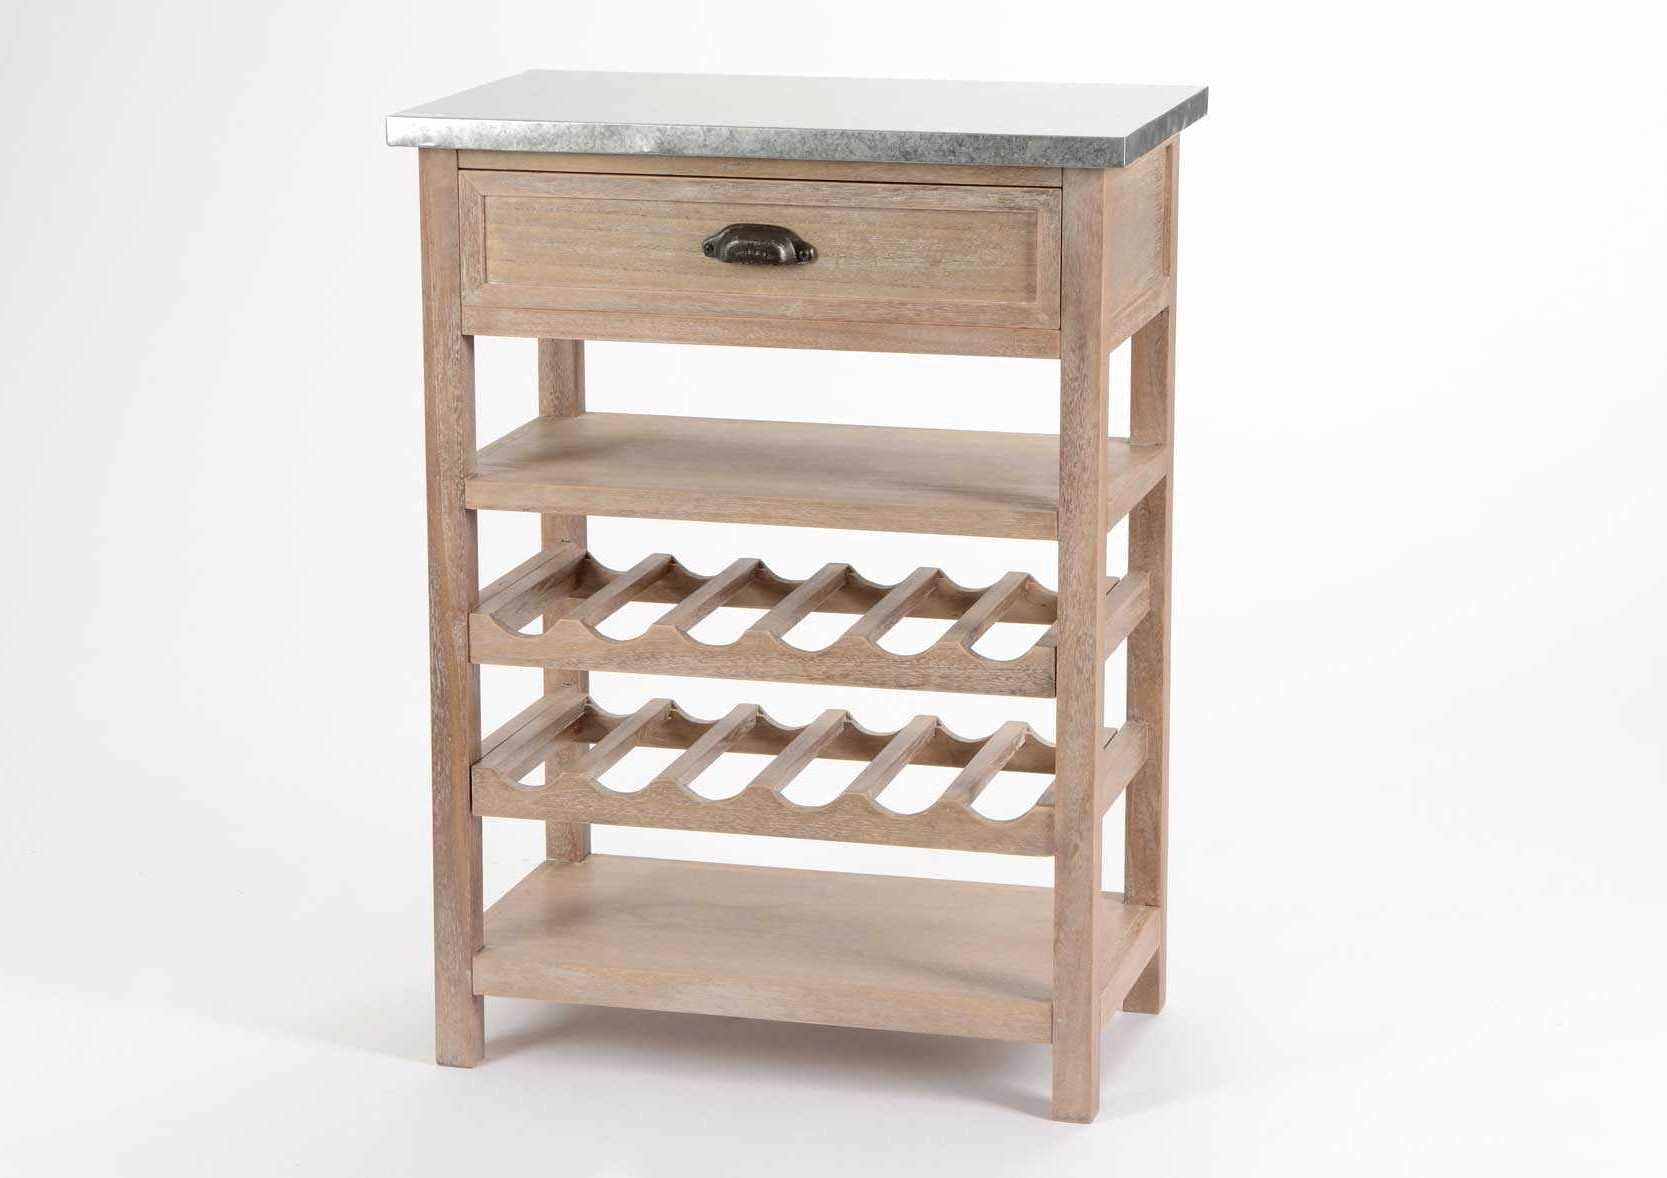 casier bouteille polystyrene ikea. Black Bedroom Furniture Sets. Home Design Ideas